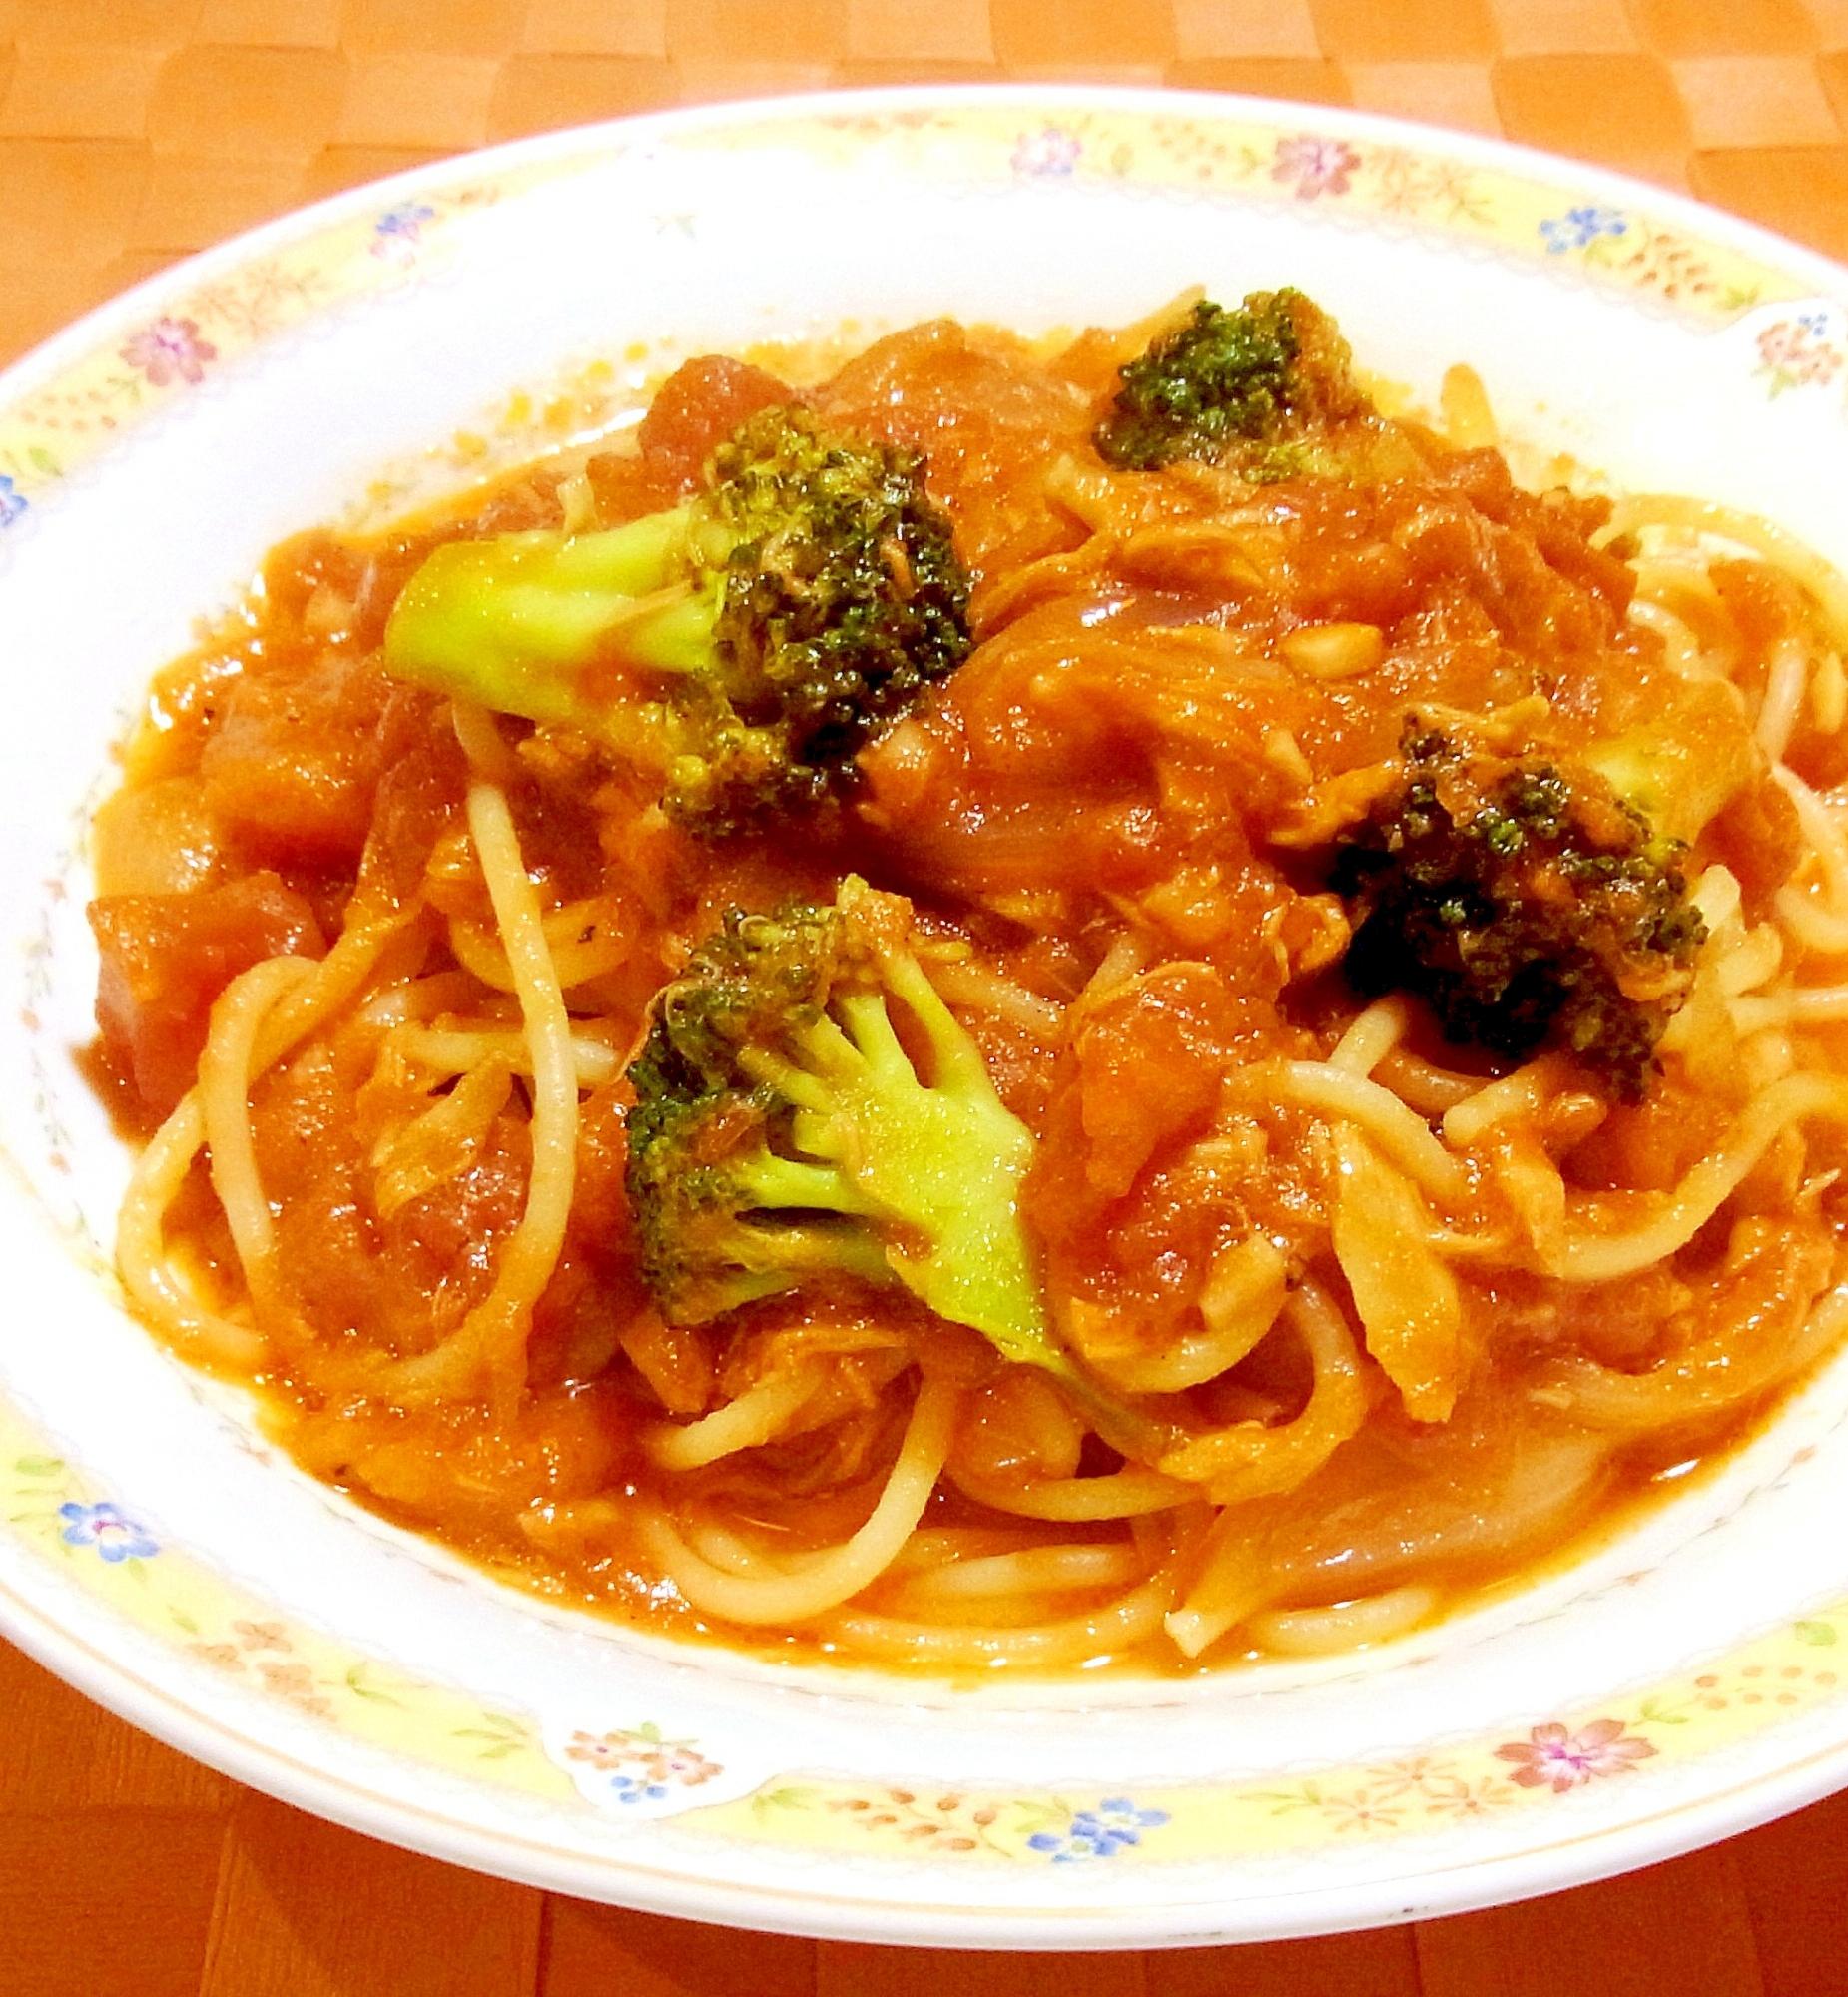 ツナとブロッコリーのトマトソースパスタ レシピ・作り方 by ☆メリッコ☆|楽天レシピ